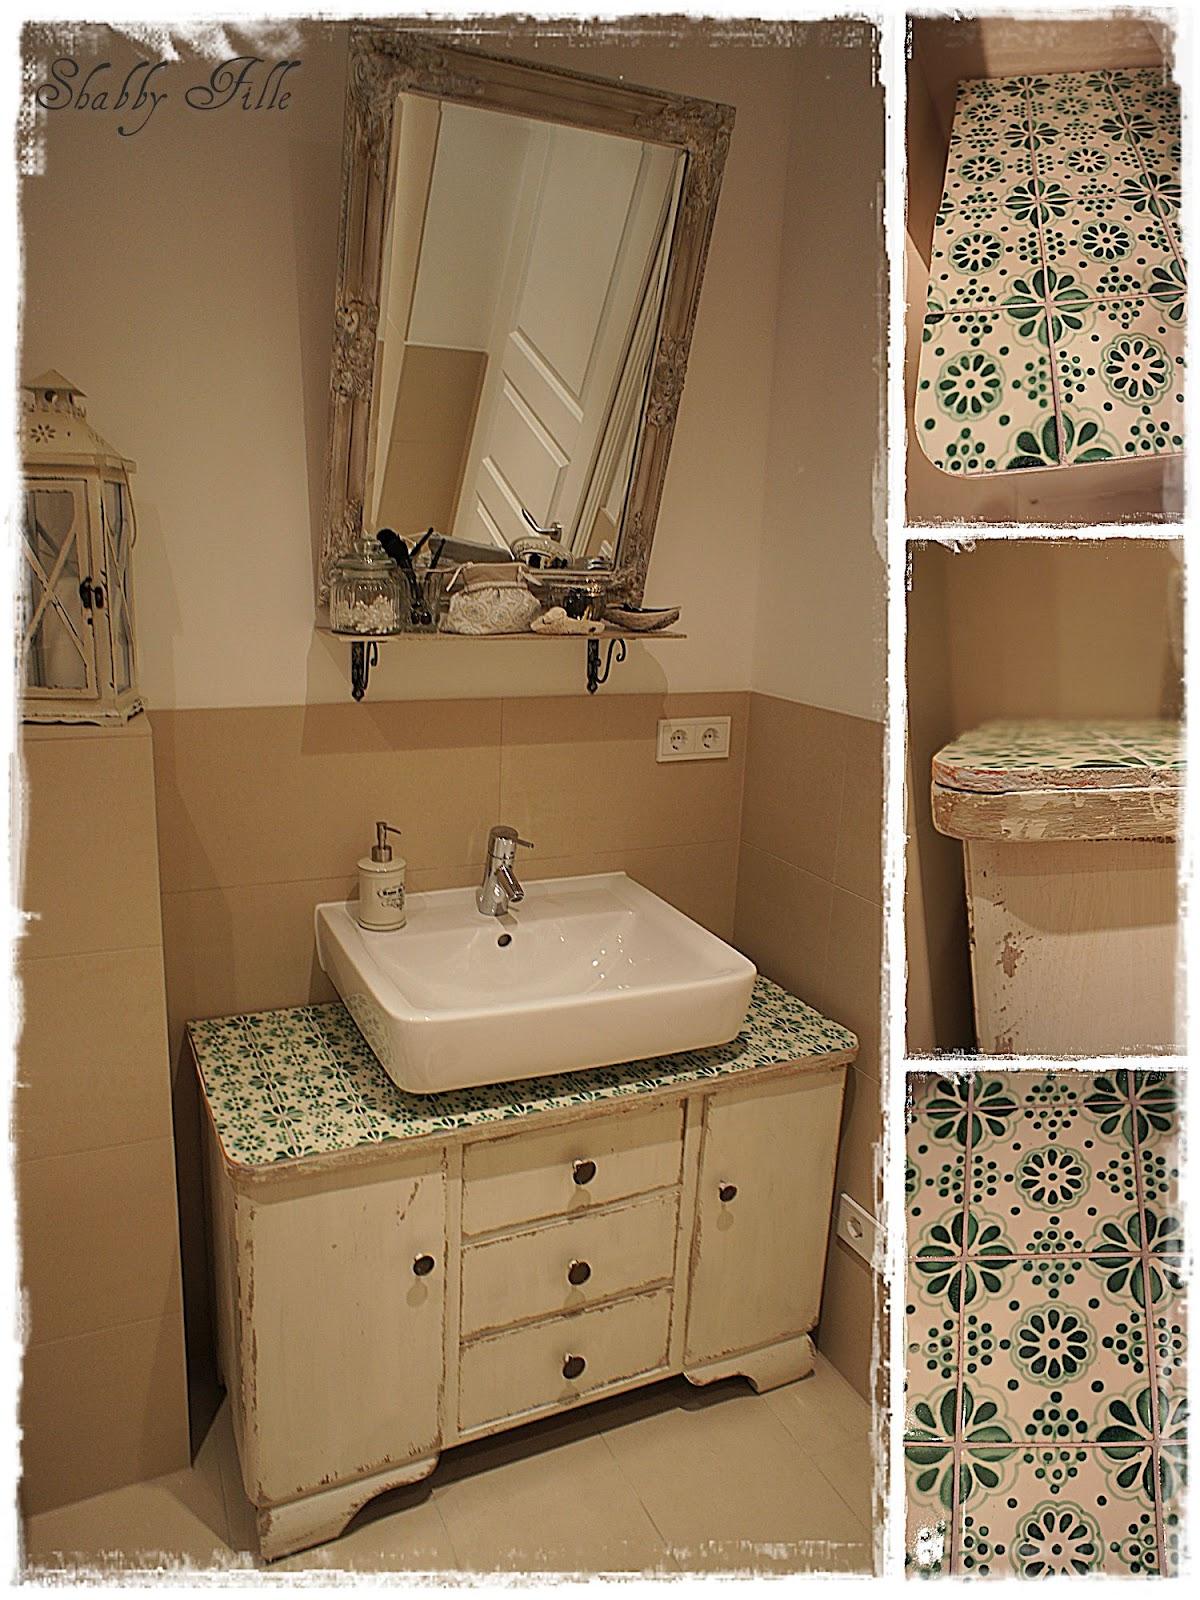 Waschbeckenunterschrank Vintage : Aufquellung #Instandsetzung #Reparatur #Beschaedigung #Schaden #